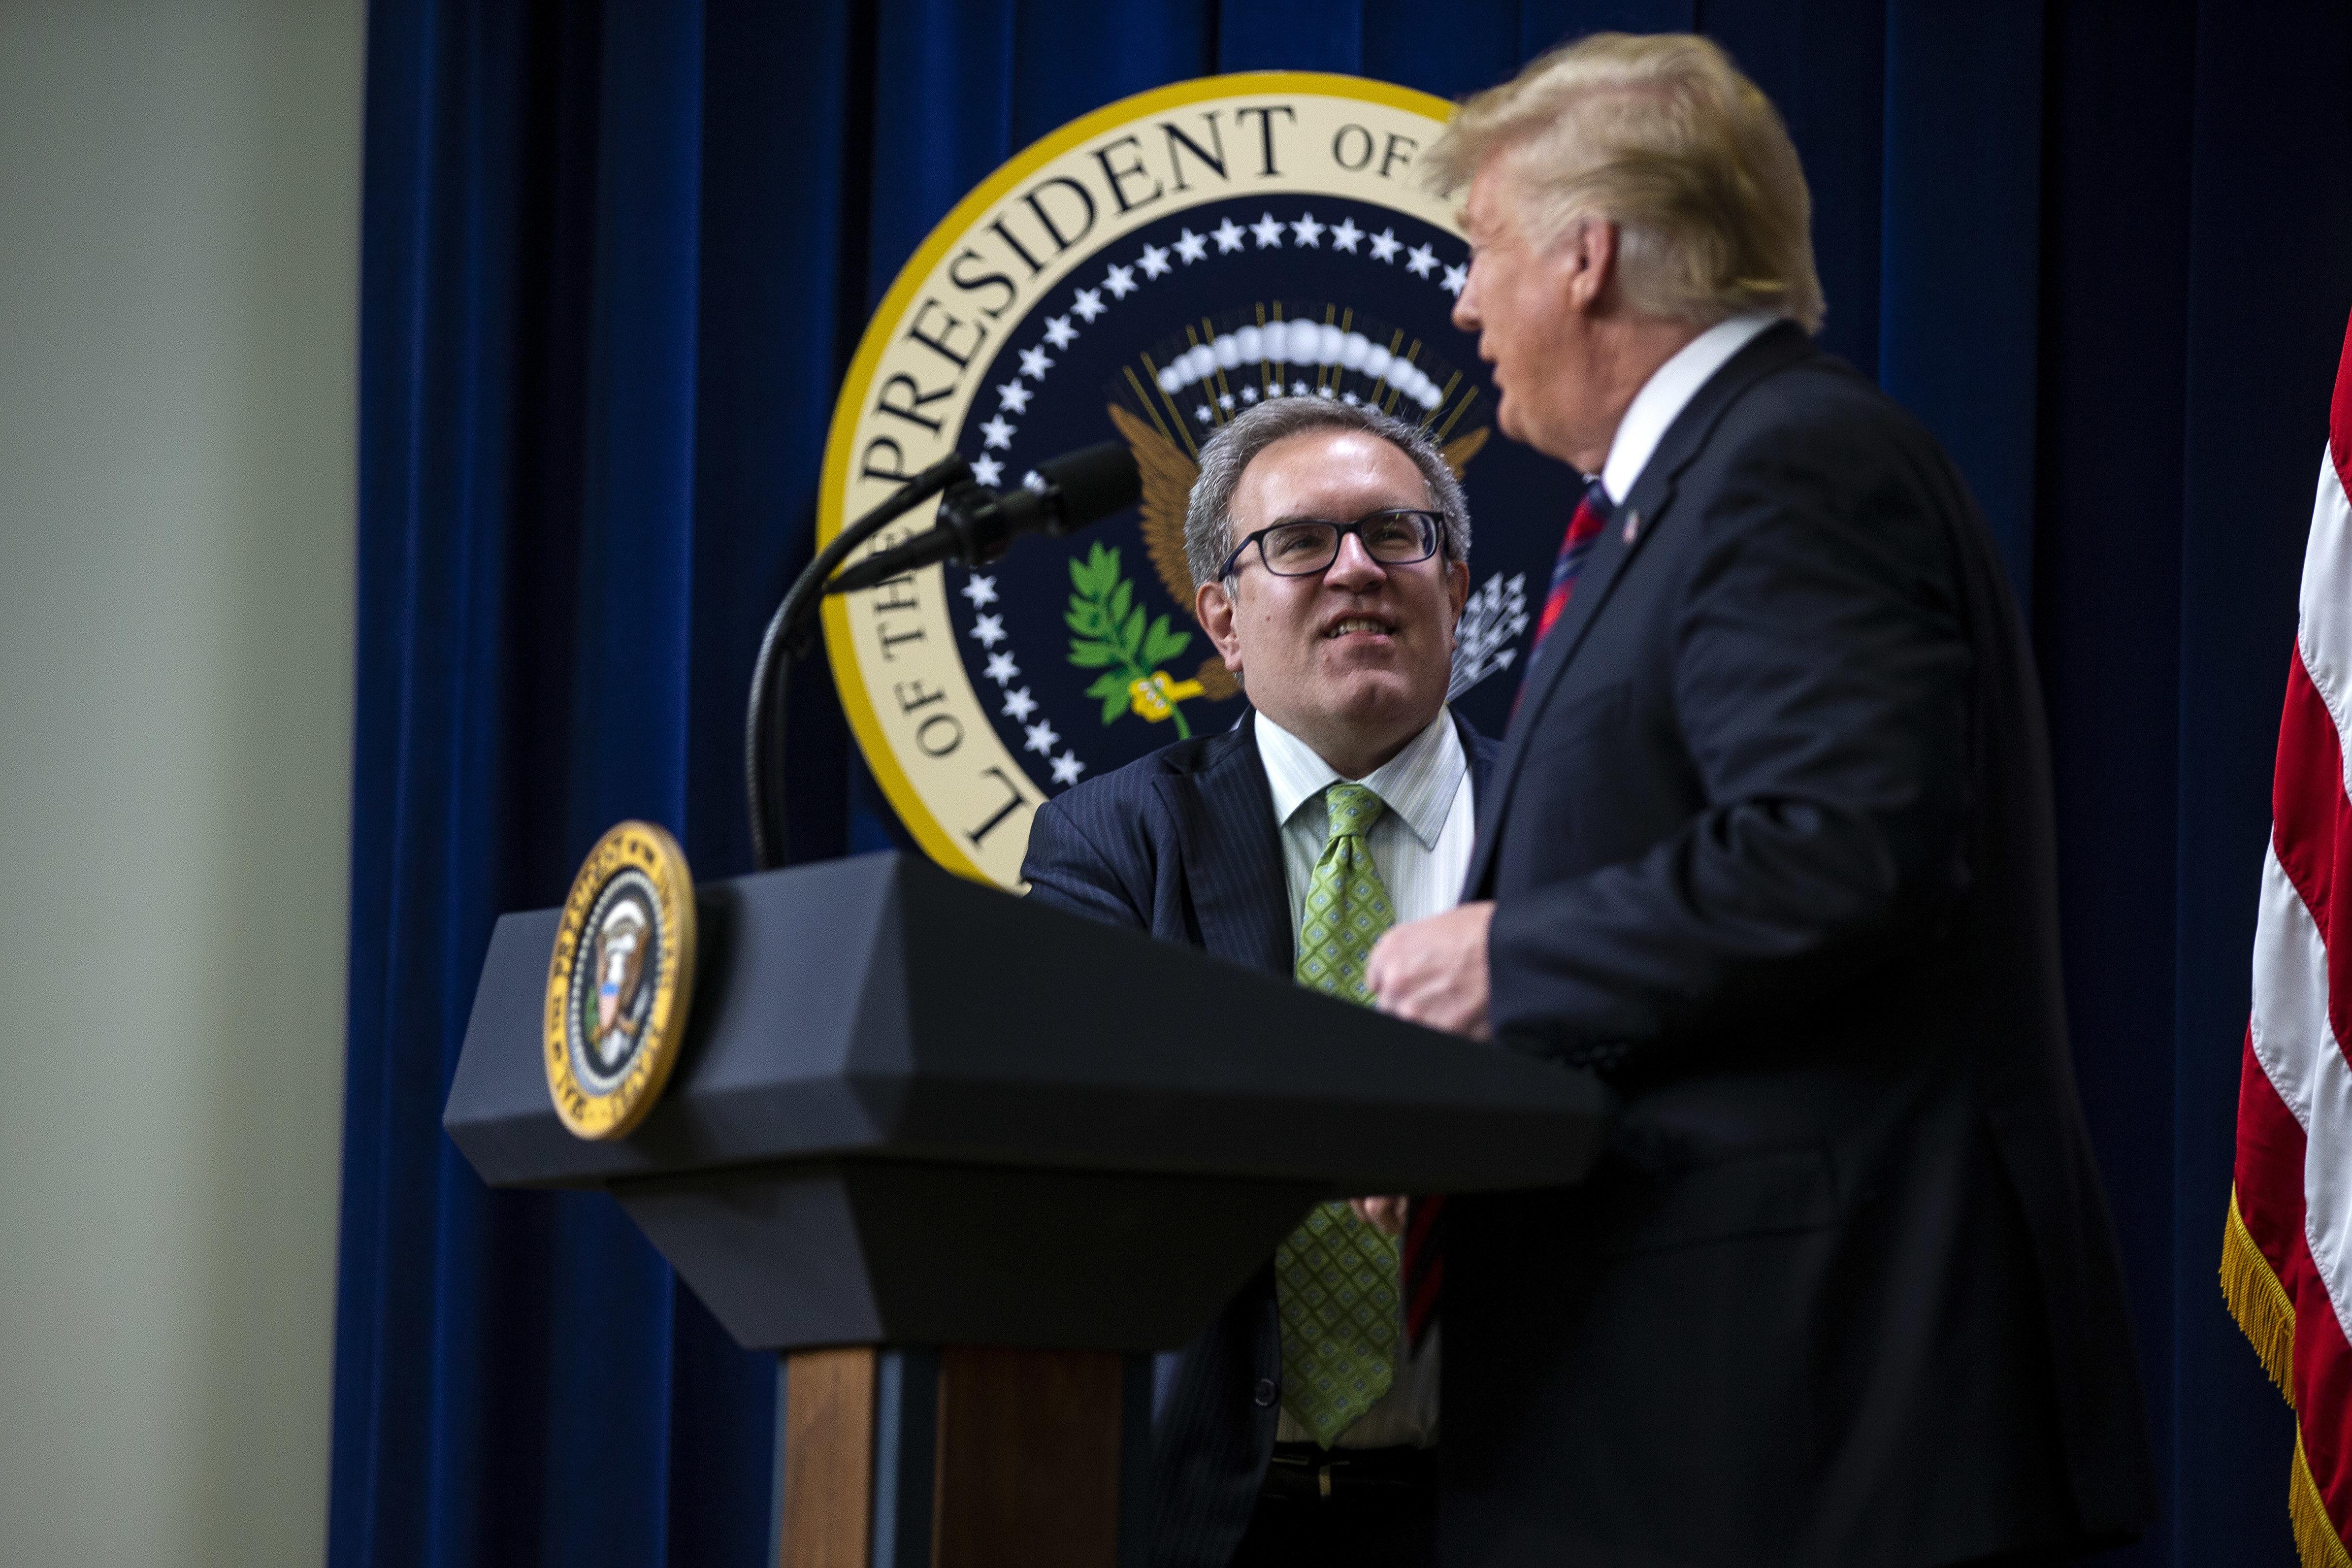 트럼프가 '반환경론자'를 환경보호청장에 공식 지명할